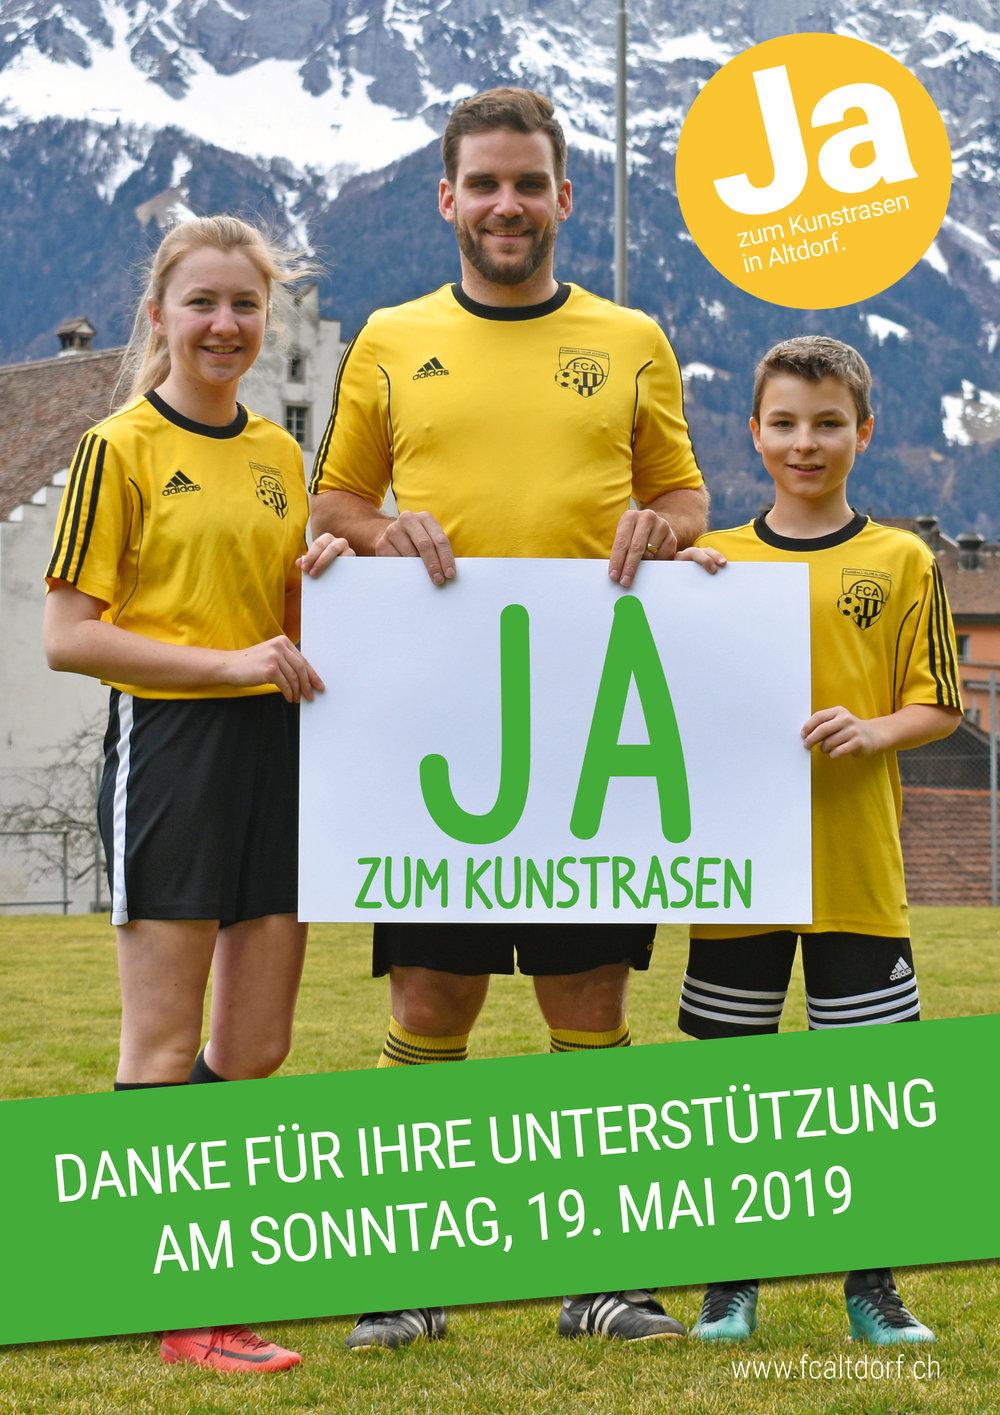 Plakat A4 (jpg)